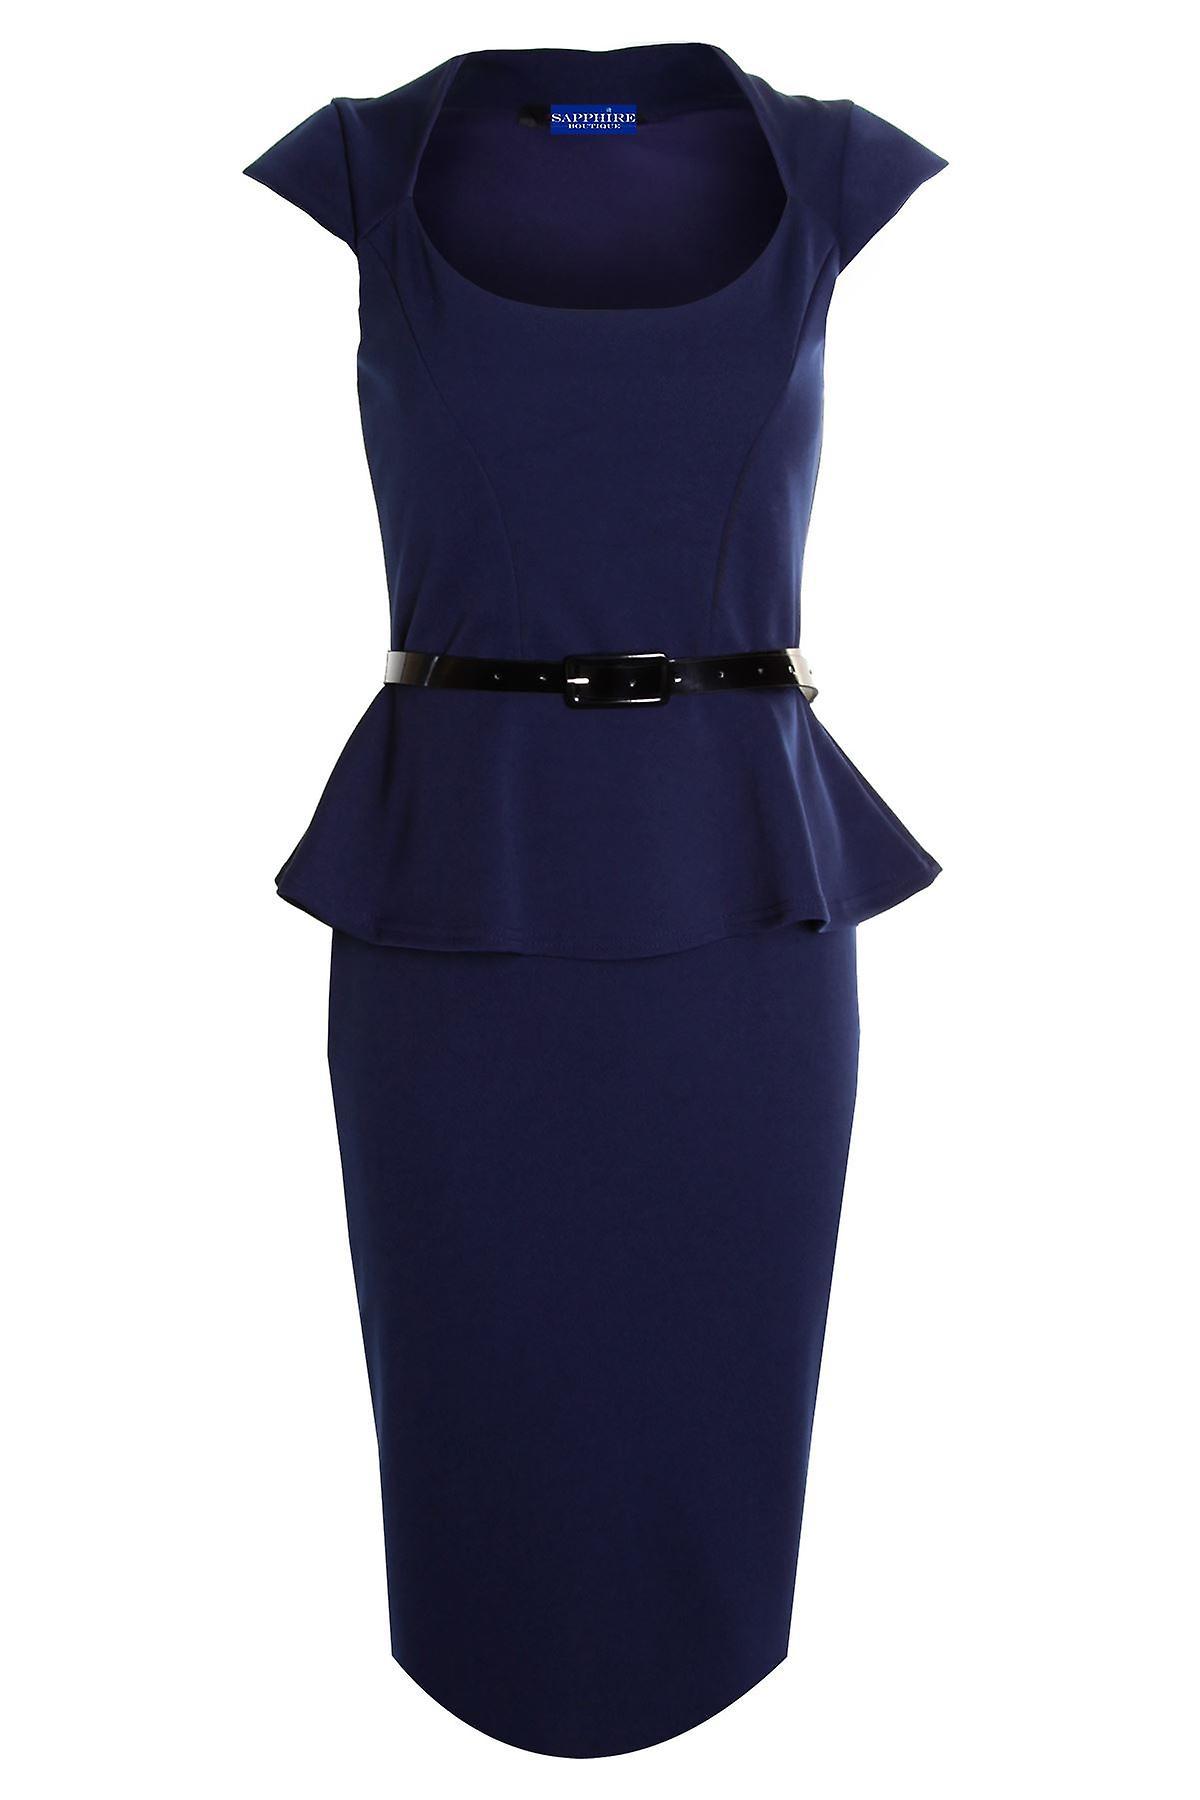 Hyvät Cap Sleeve turvavyötä Peplum polven pituus röyhelö lyijykynä hame Bodycon naisten Dress